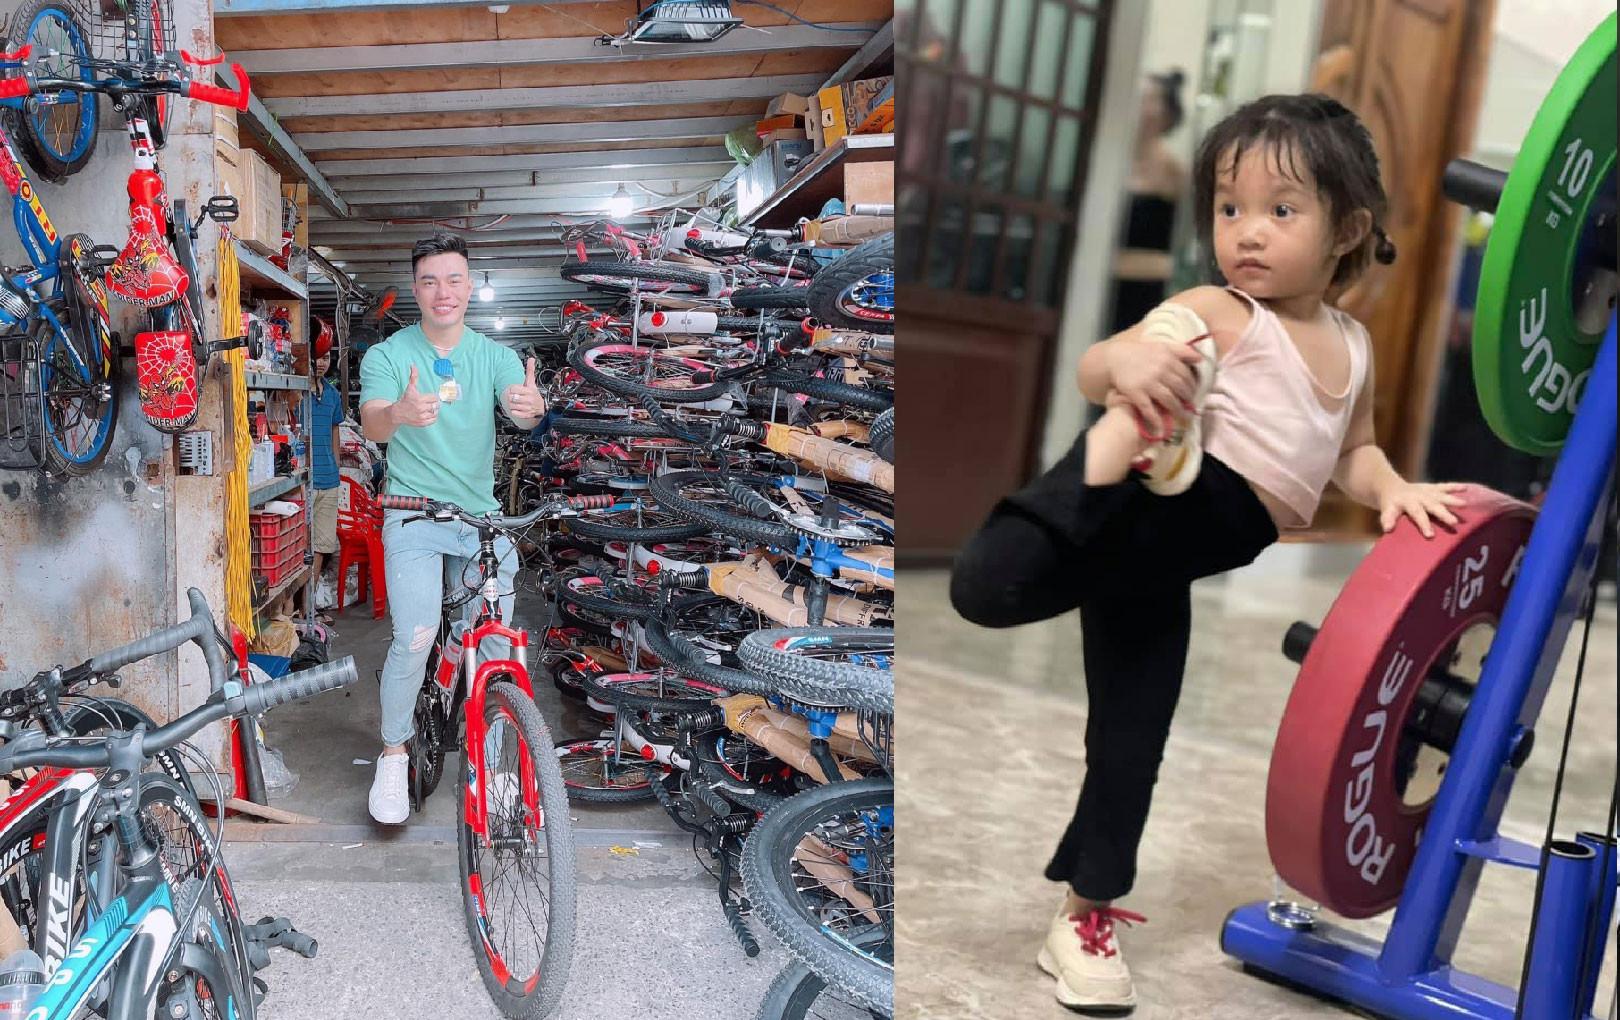 Lê Dương Bảo Lâm khoe con gái uốn dẻo như diễn viên xiếc chuyên nghiệp khi chỉ mới 3 tuổi